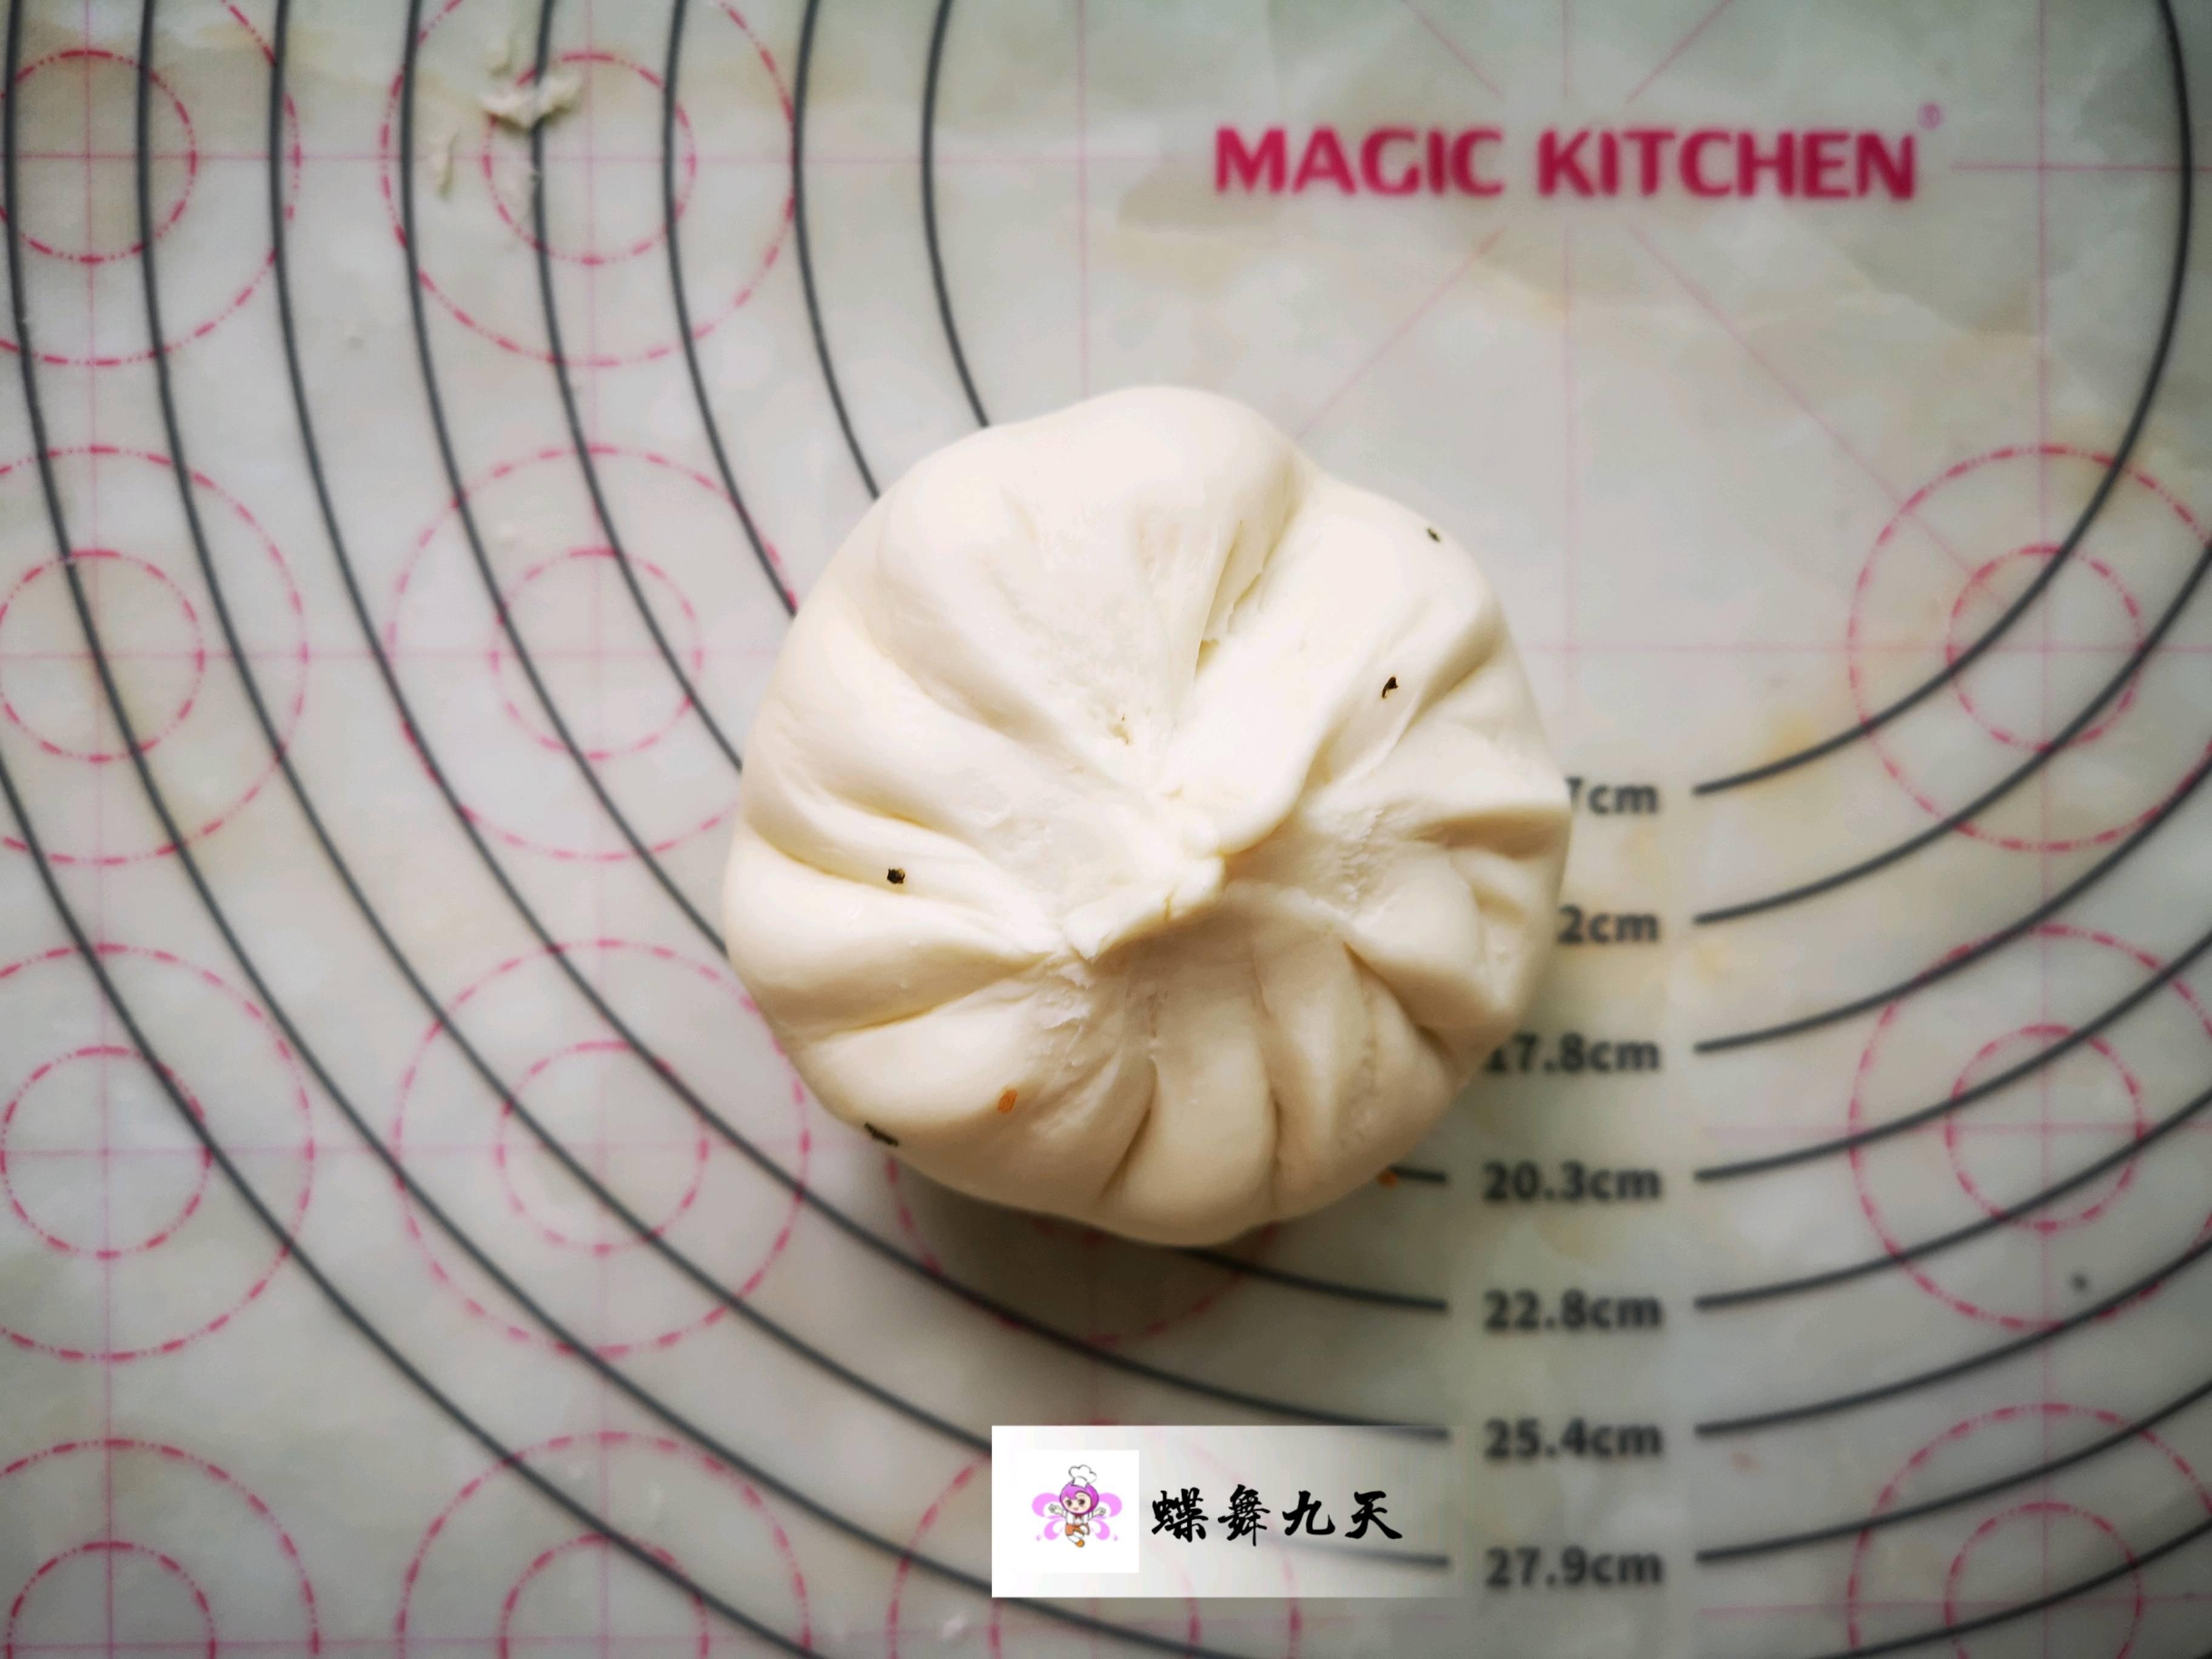 一口平底锅就可搞定,不用油煎巨好吃!梅干菜饼怎么炒